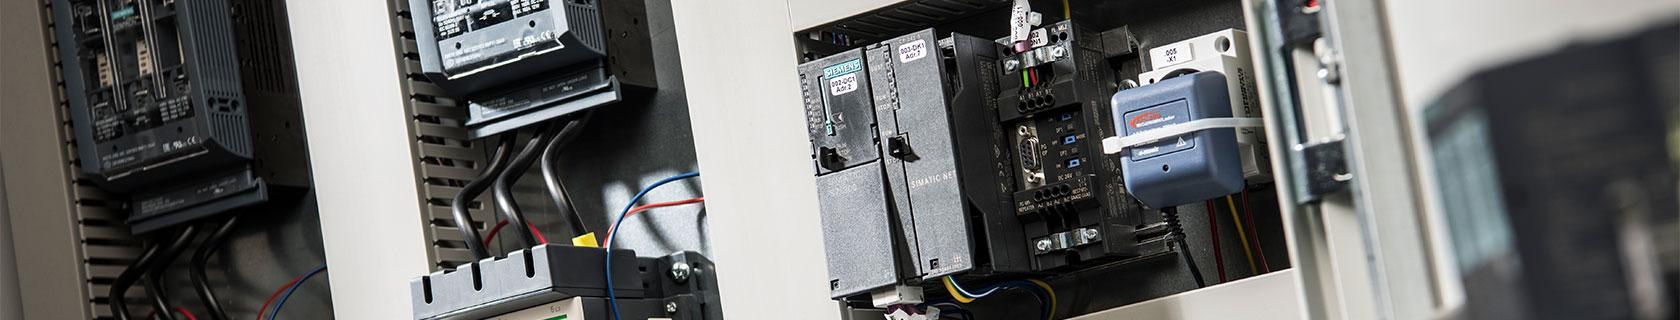 Ihr starker Partner im professionellen Schaltanlagenbau – Weigert Elektronik